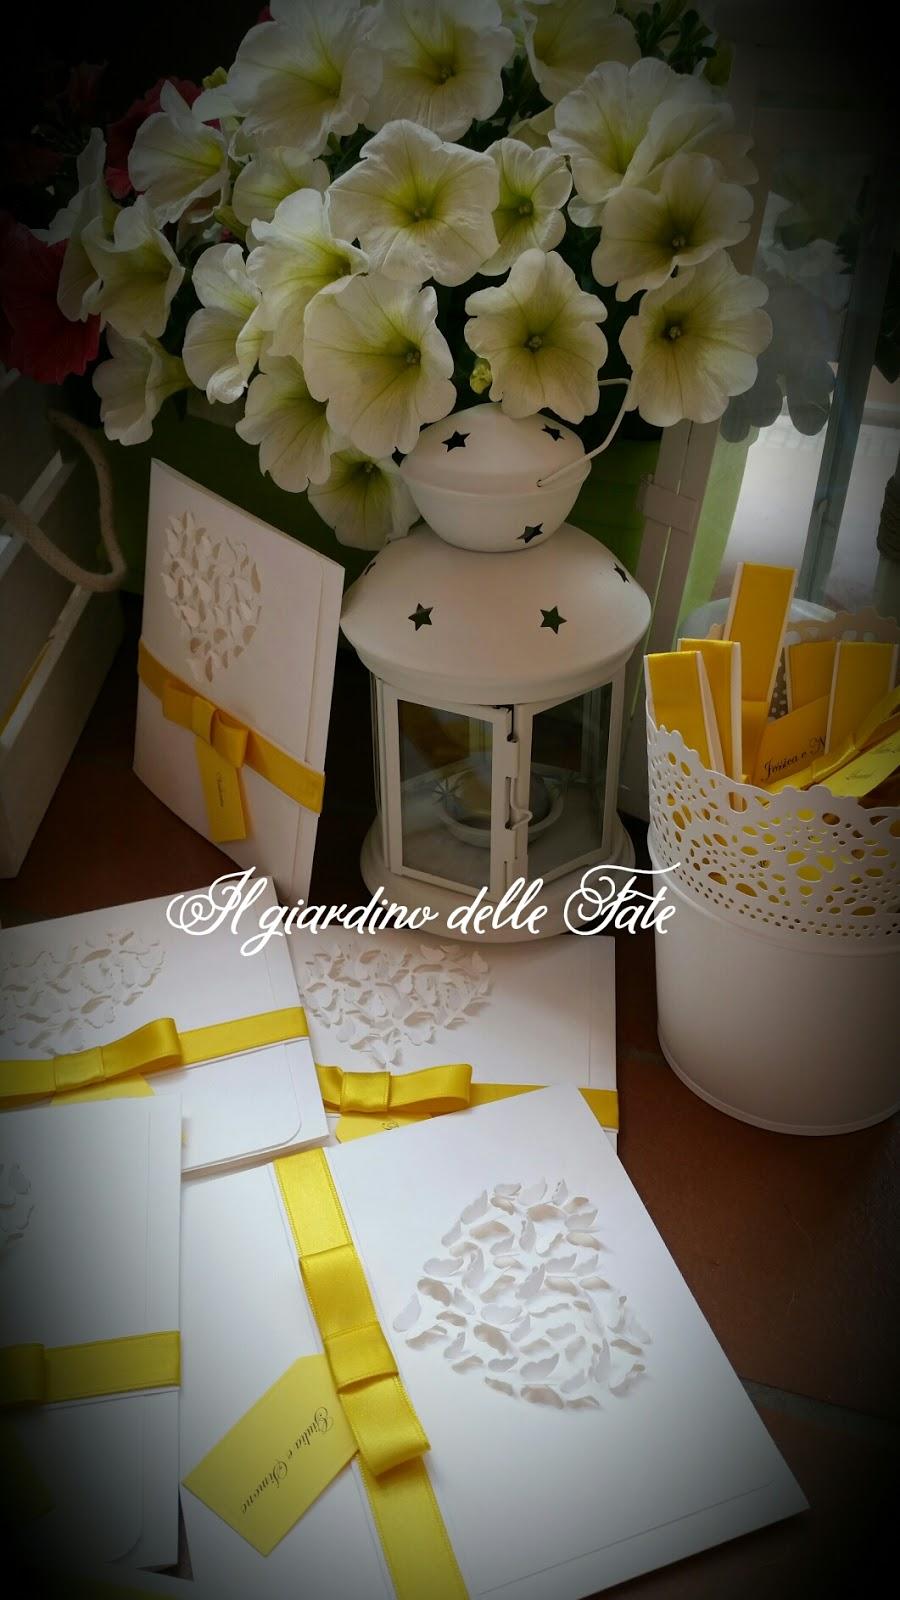 Matrimonio In Giallo E Bianco : Il giardino delle fate ❤❤creazioni ❤: matrimonio in giallo